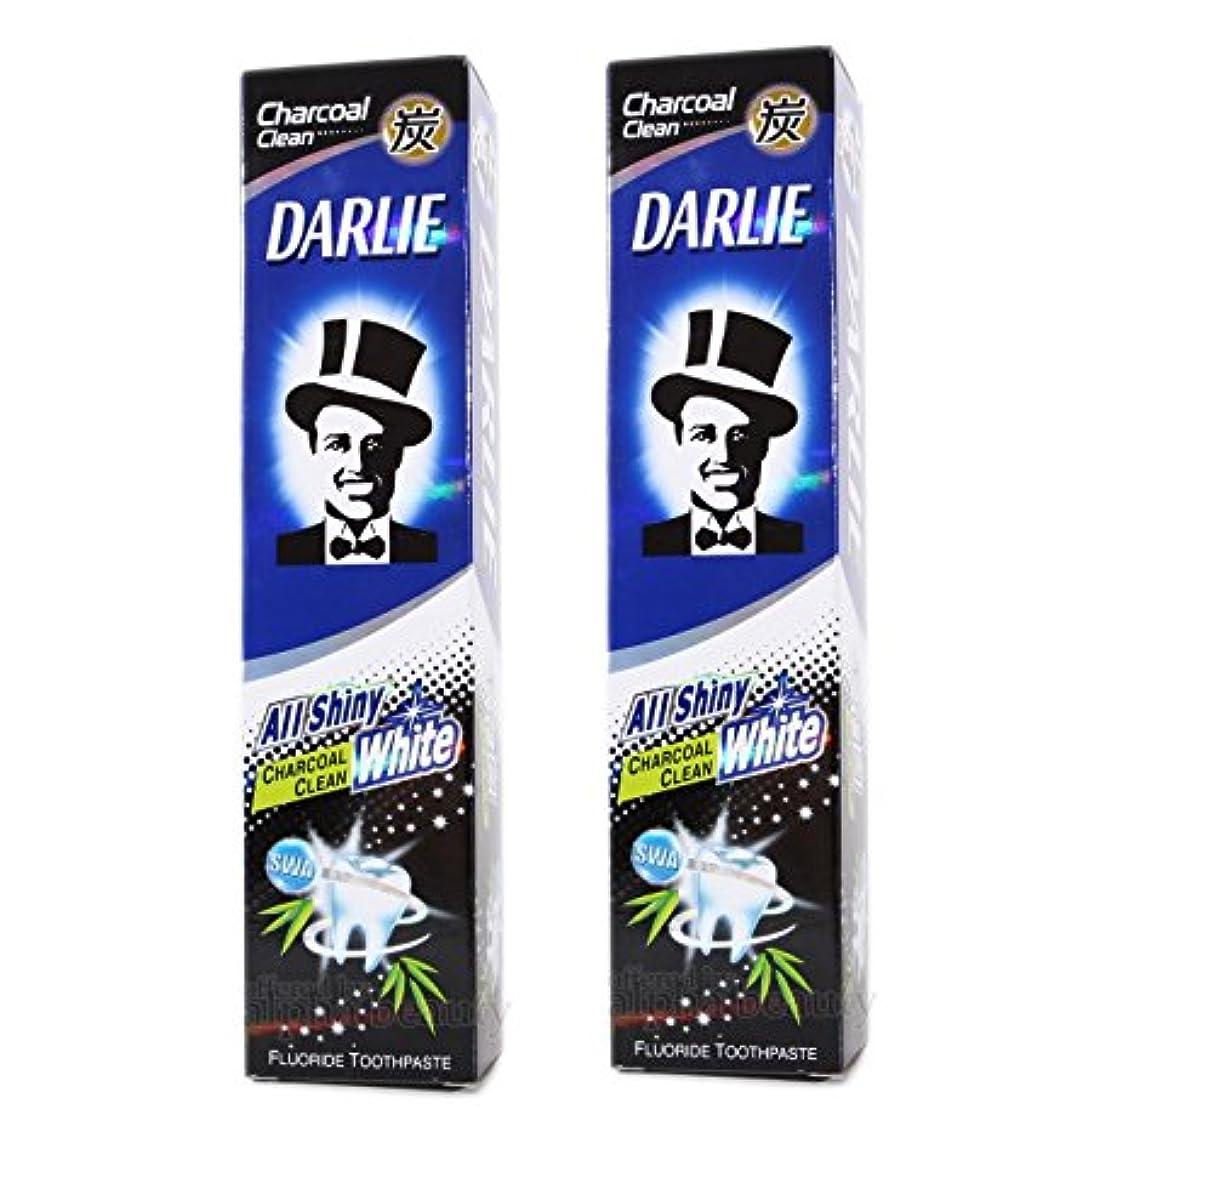 たらい着服請負業者2 packs of Darlie Charcoal All Shiny Whitening Toothpaste by Darlie